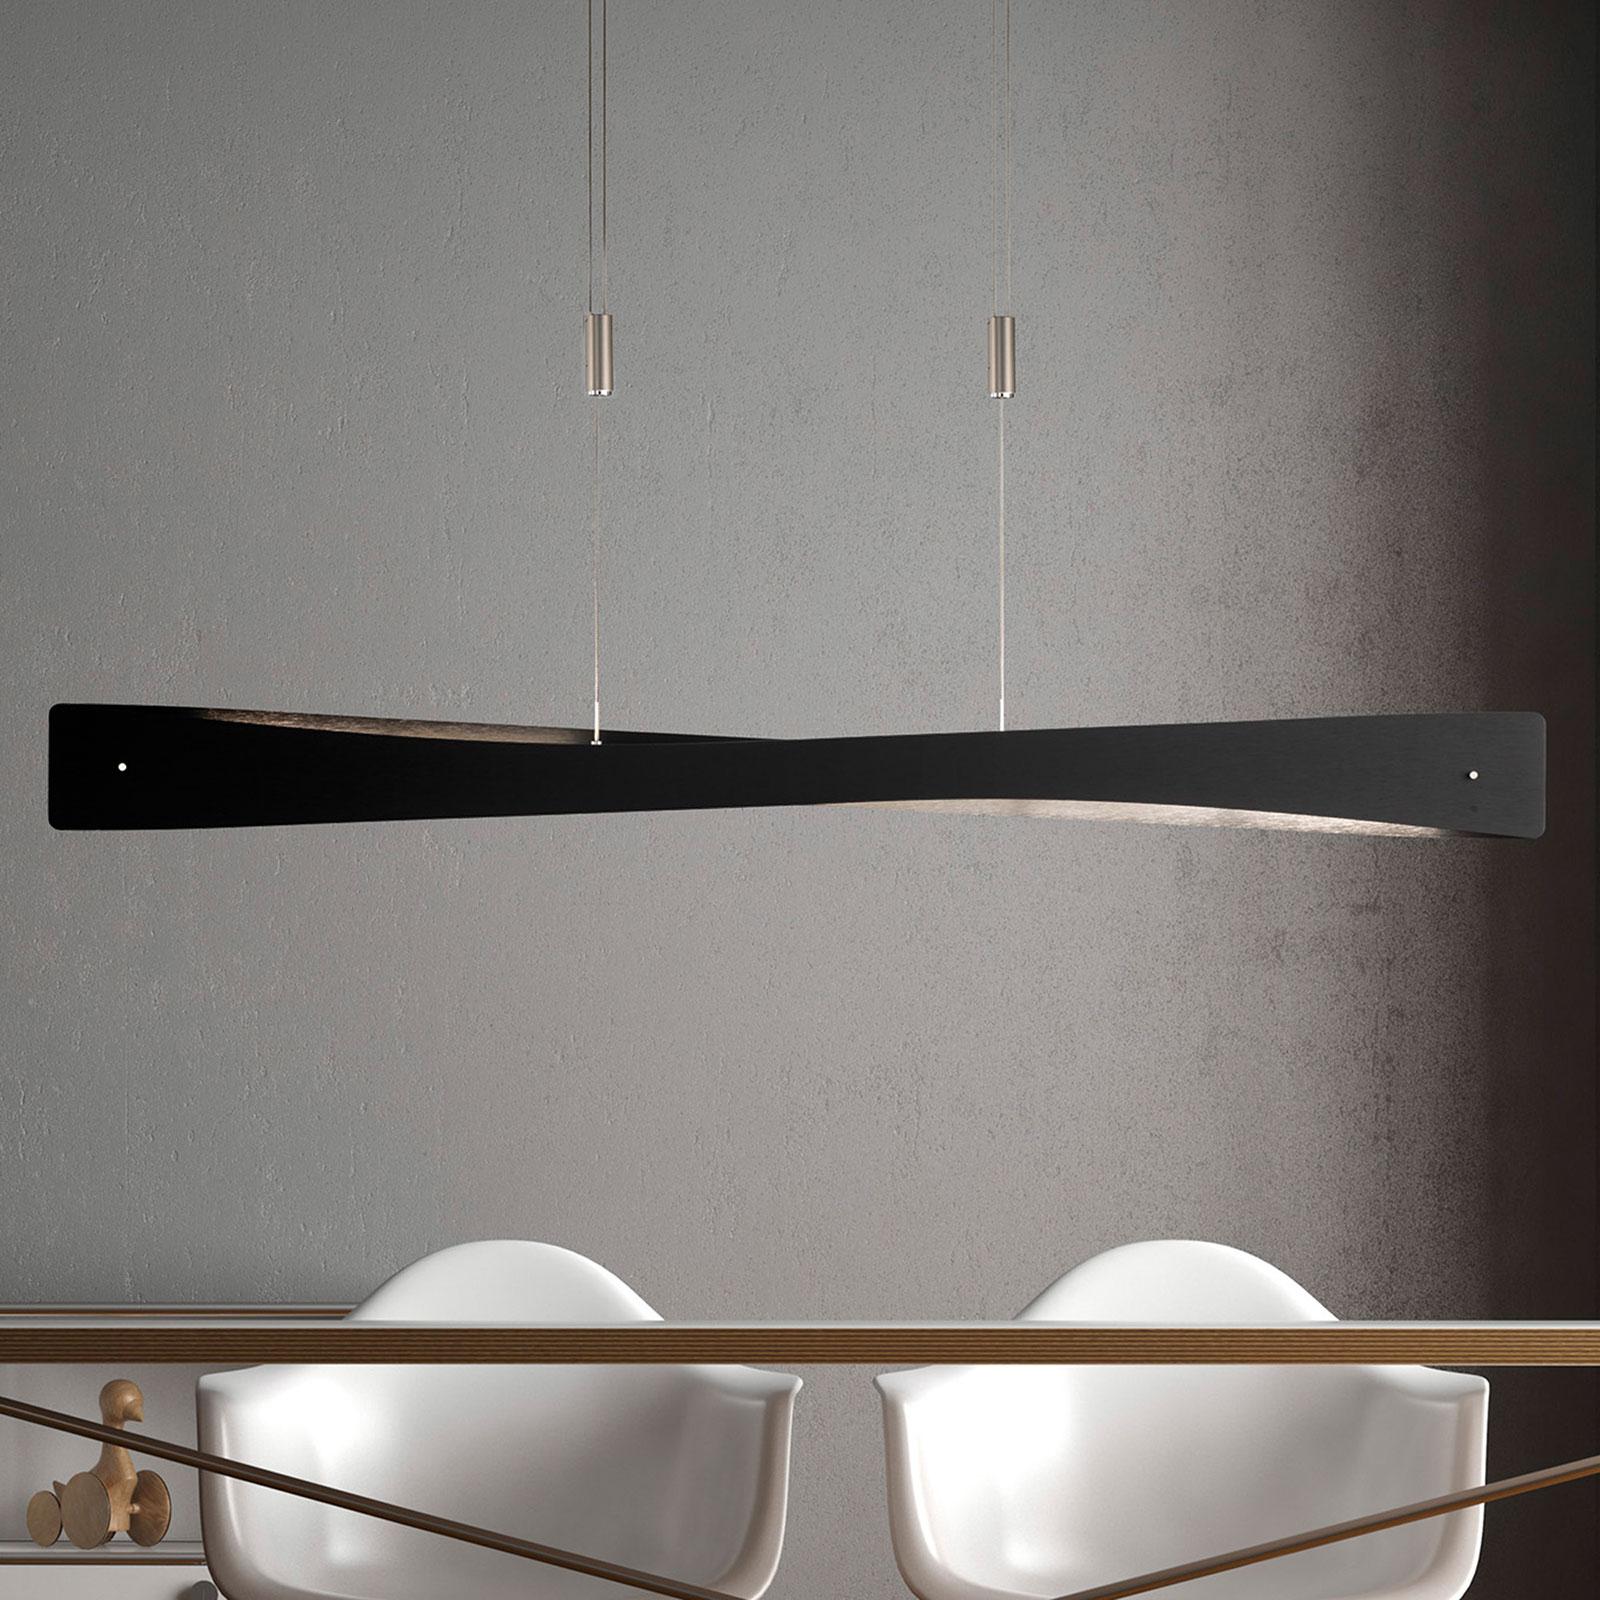 Lucande Lian lampa wisząca LED, czarna, aluminium